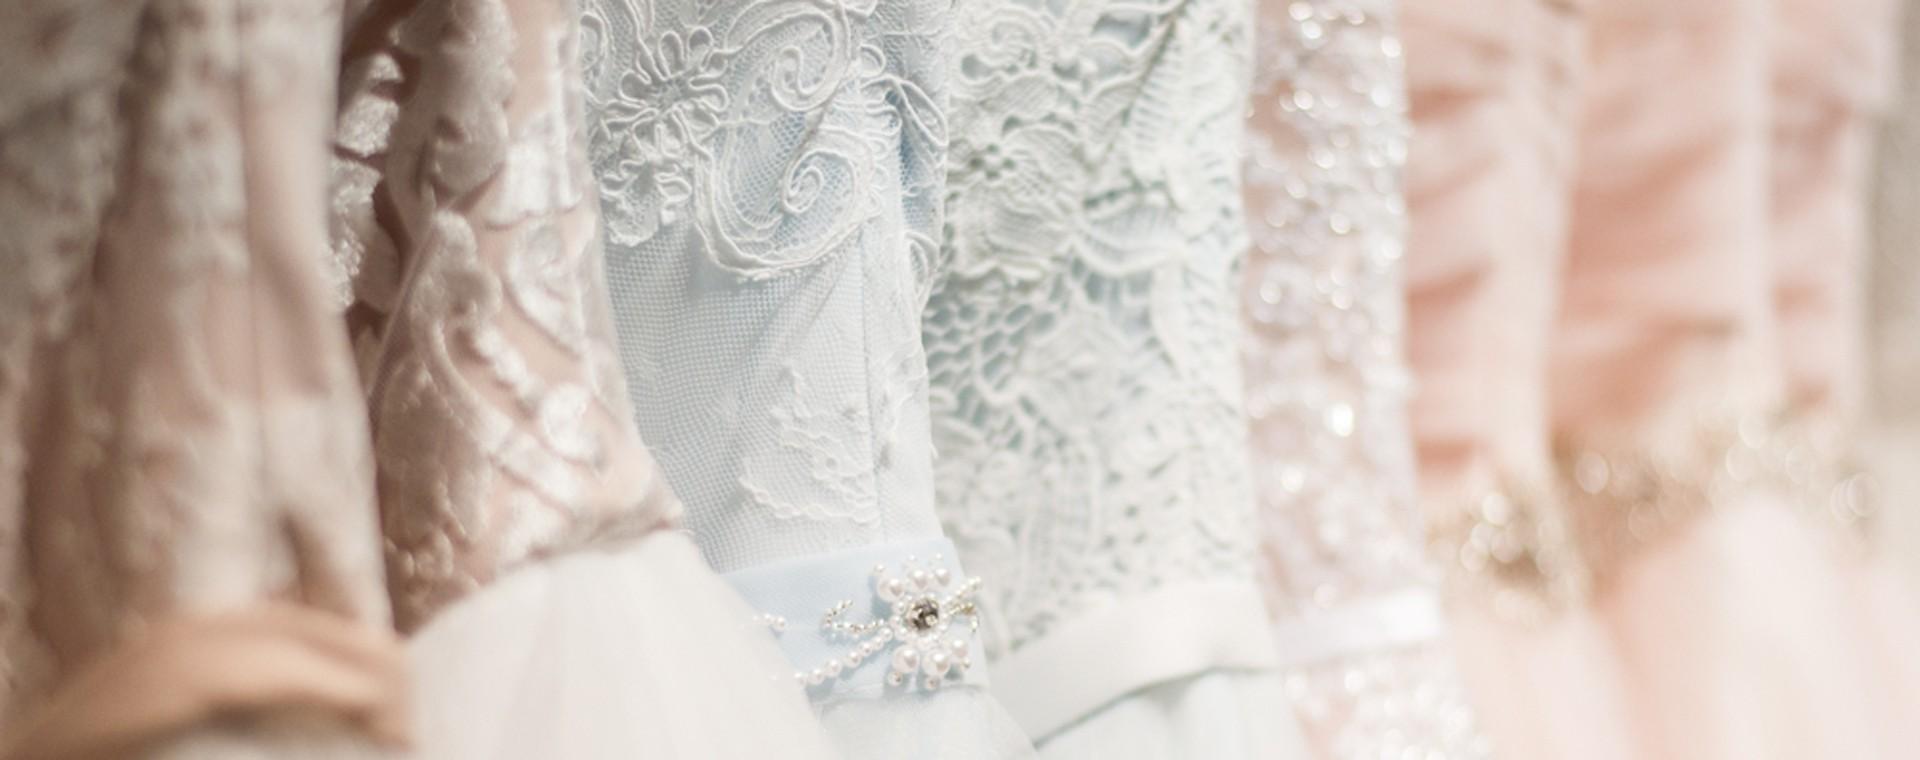 50 оттенков белого: свадебные платья 2019 картинки